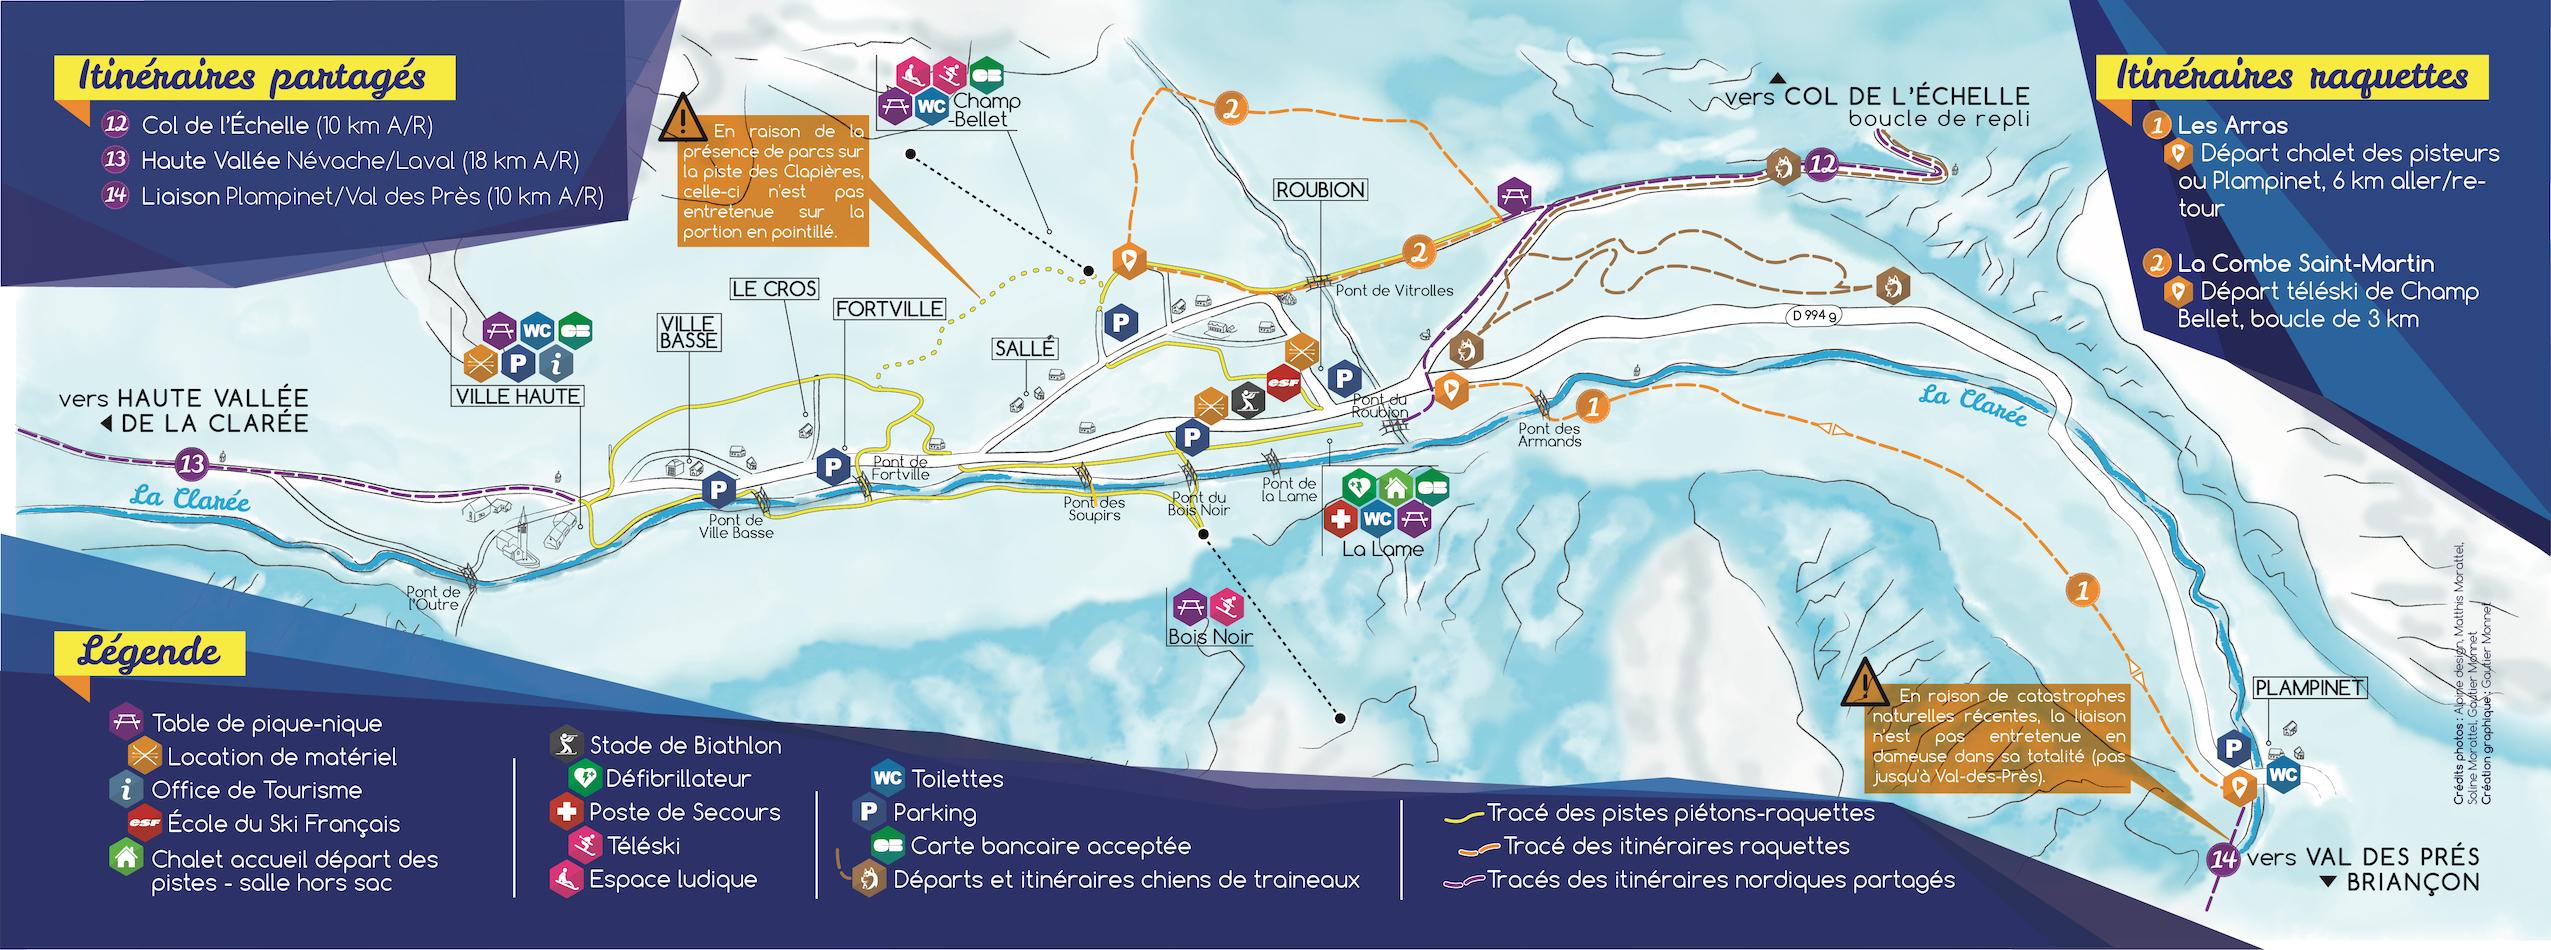 plan piste itinéraires piéton raquette névache clarée